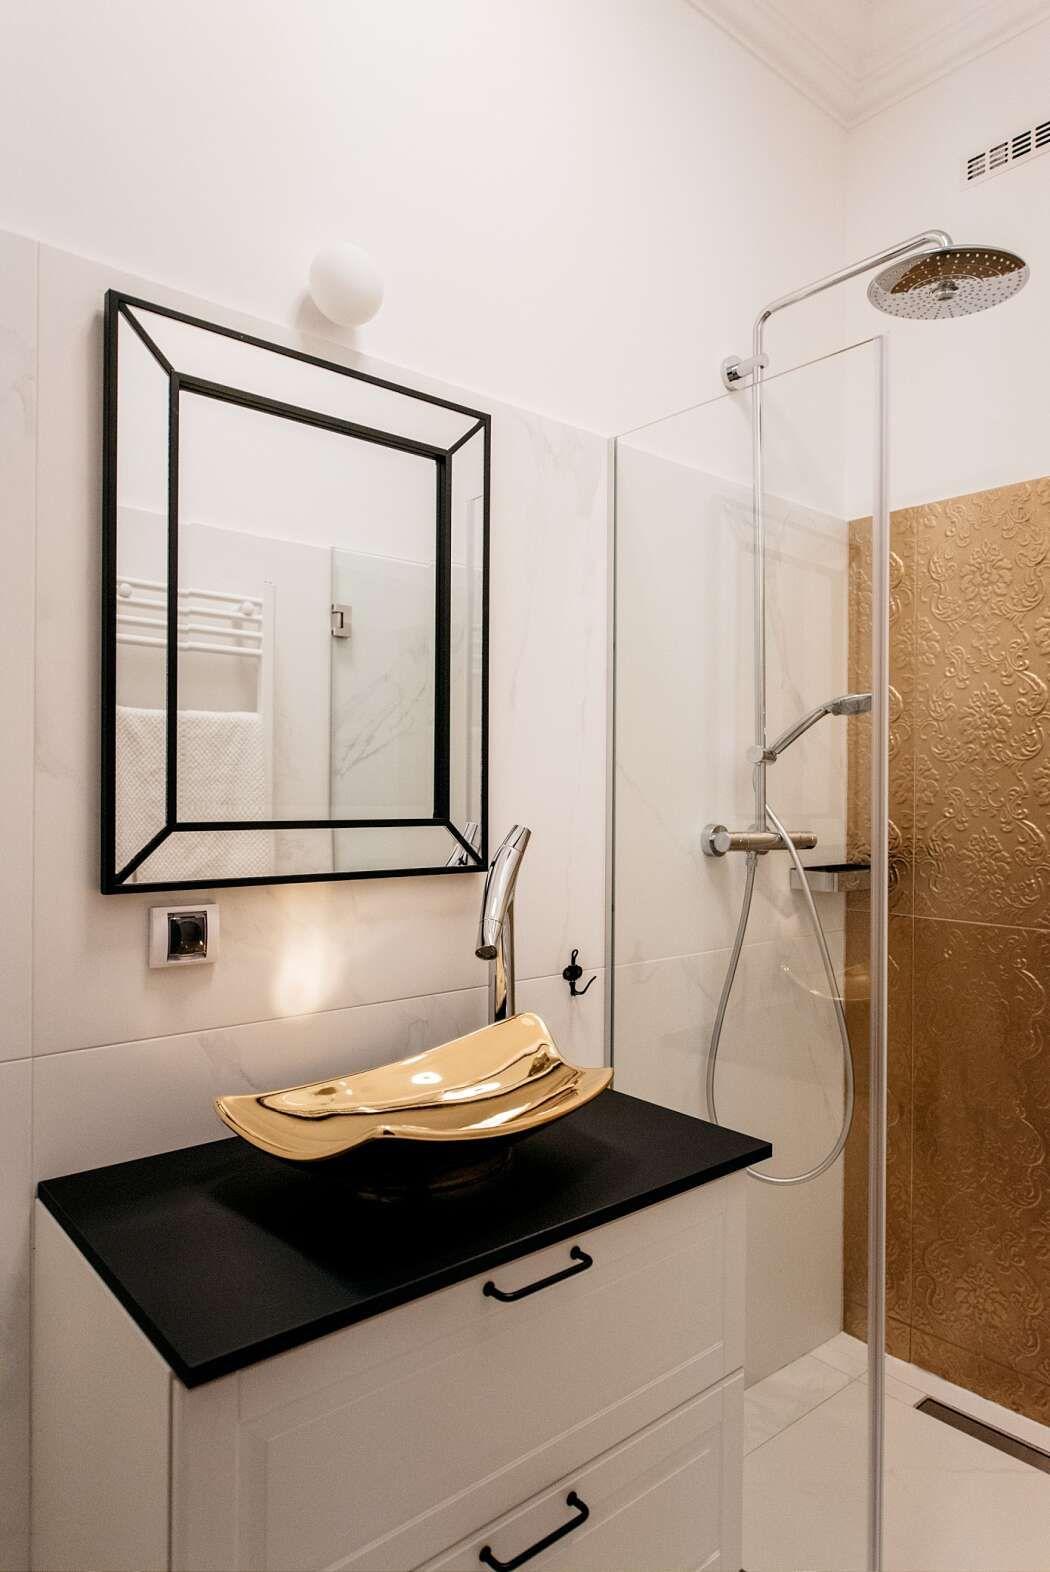 Zagreb Apartment By Mirjana Mikulec Interiors Interior Black And White Tiles Round Mirror Bathroom